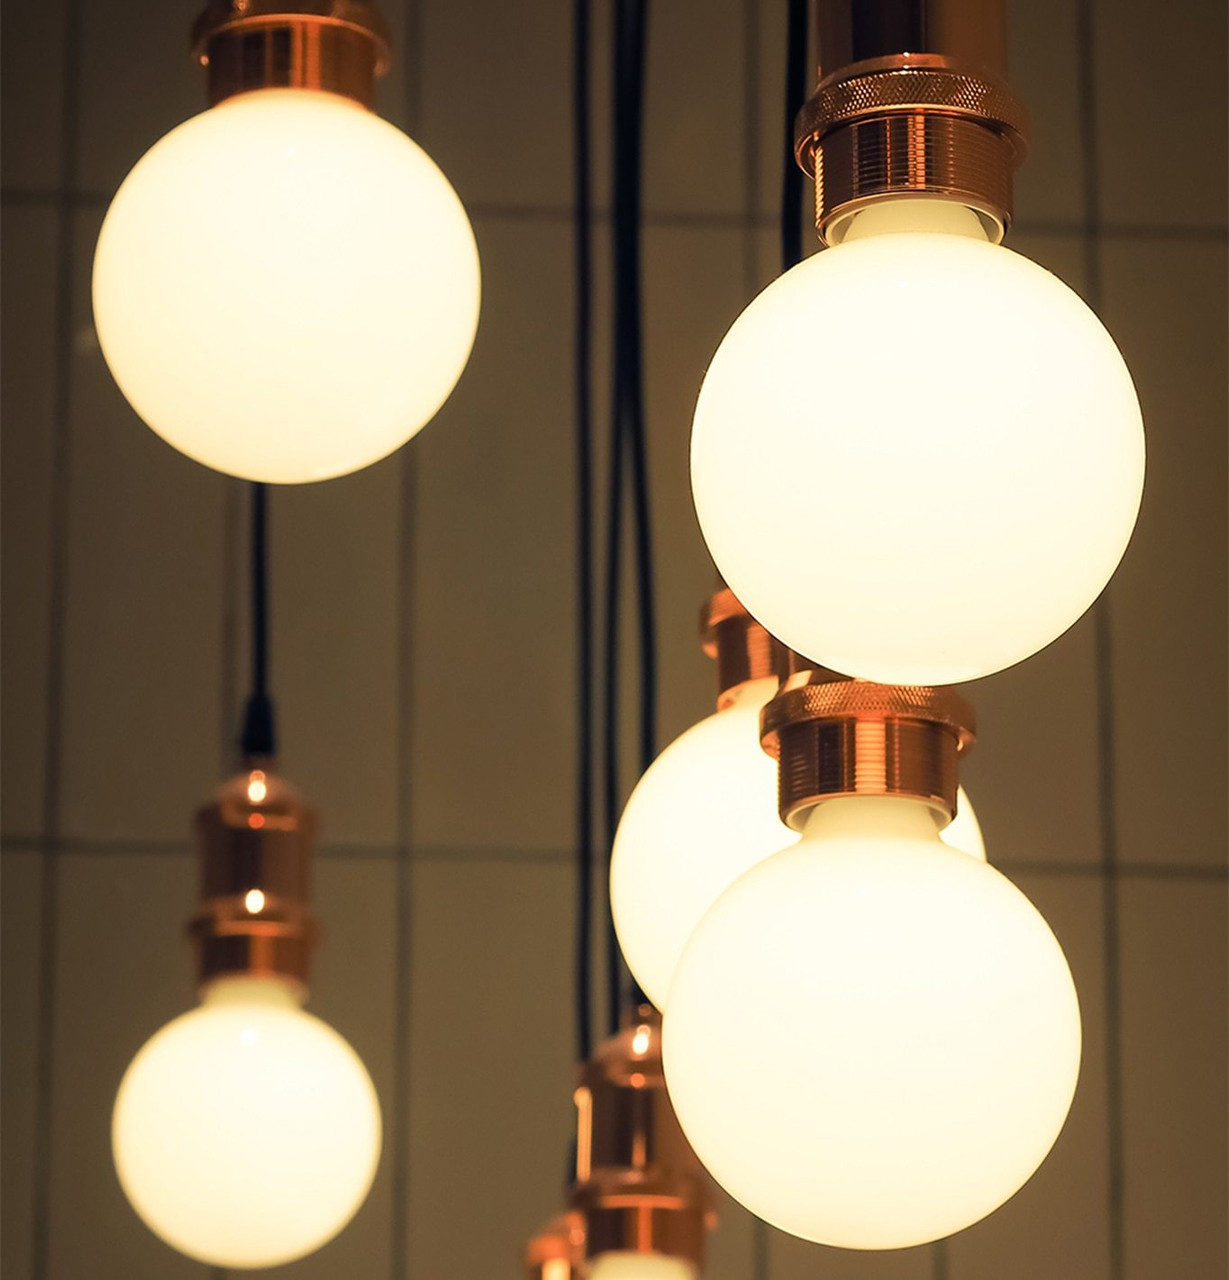 LED Dimmable Globe BC Light Bulbs